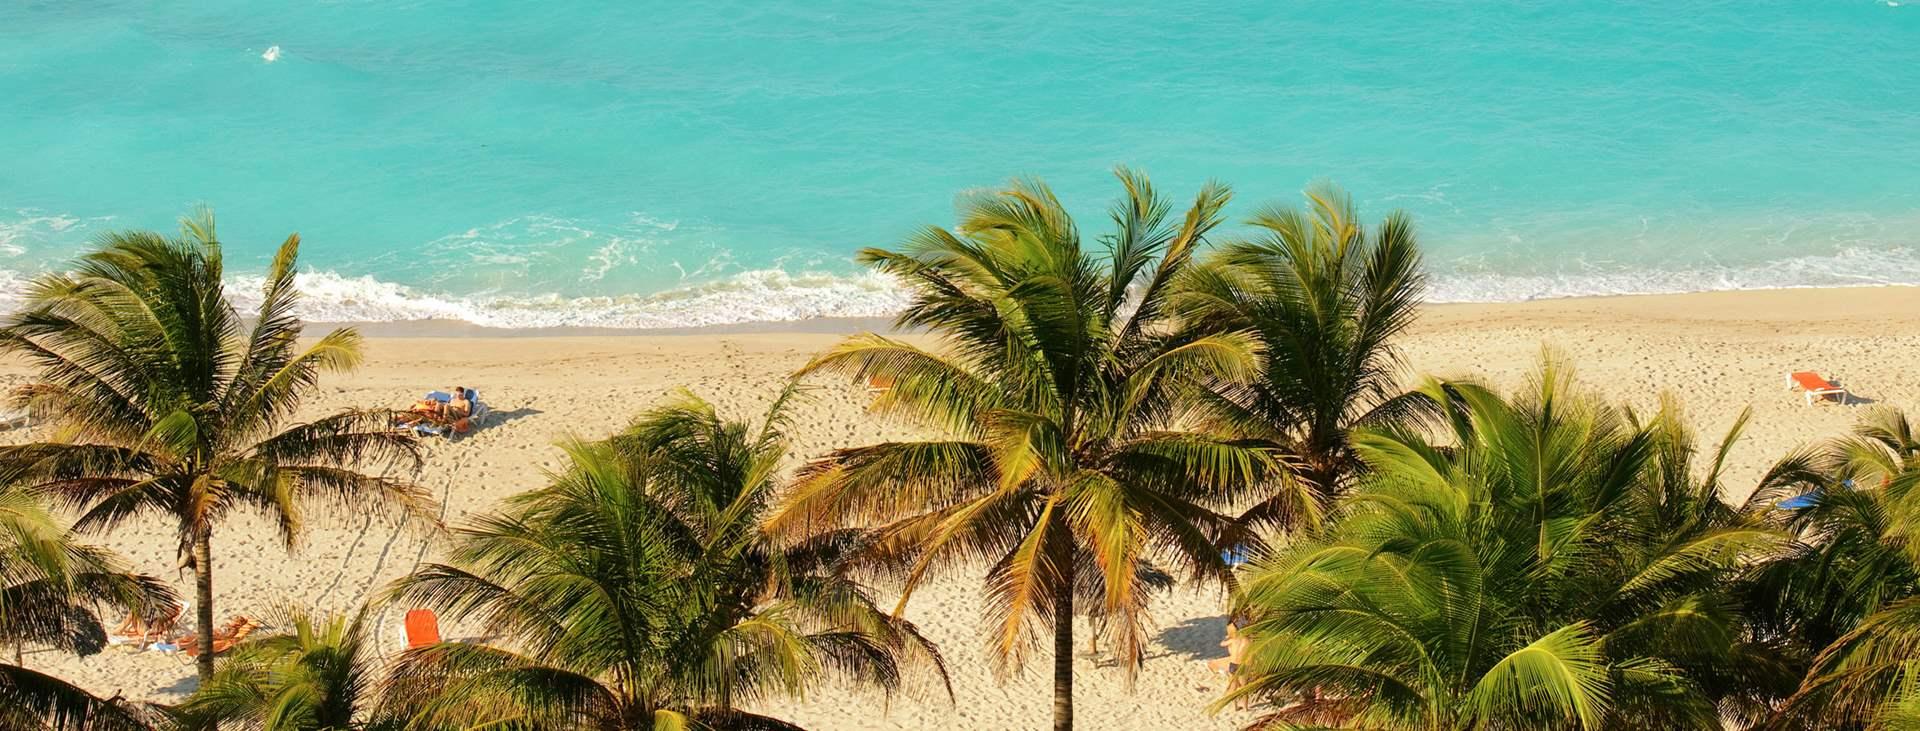 Bestill en reise til Cuba med fly og hotell